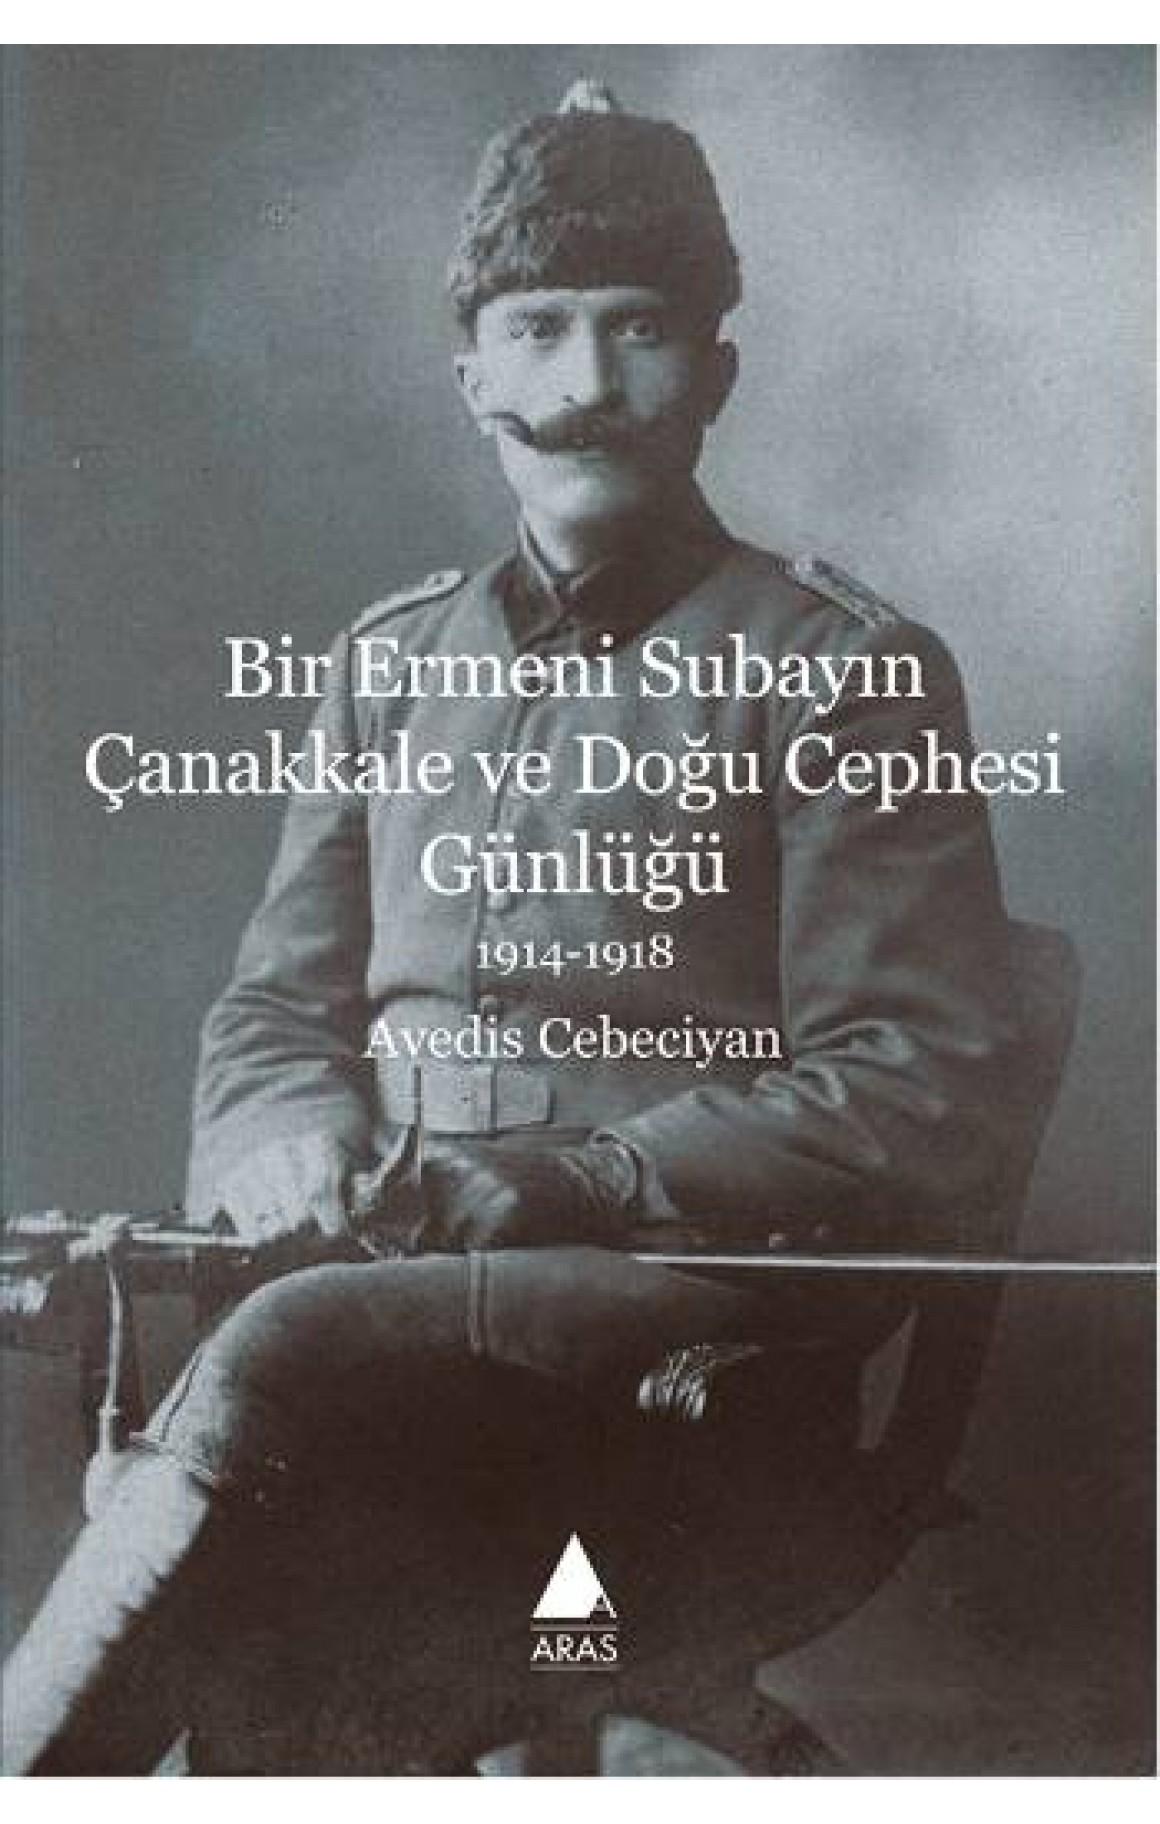 Bir Ermeni Subayın Çanakkale ve Doğu Cephesi Günlüğü